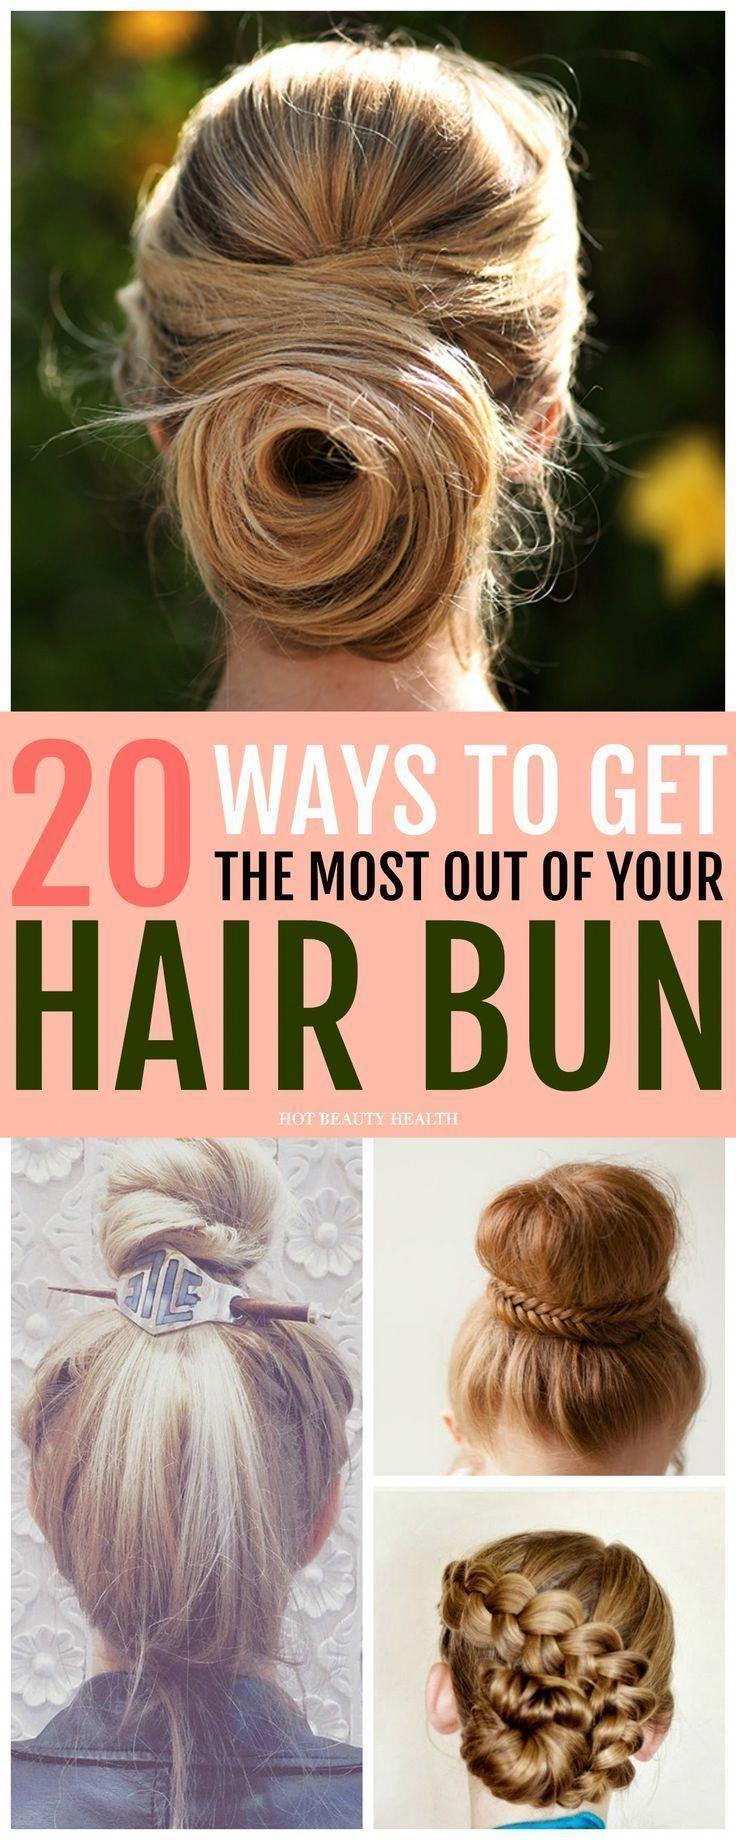 20 schicke Brötchen-Frisuren, die wir lieben